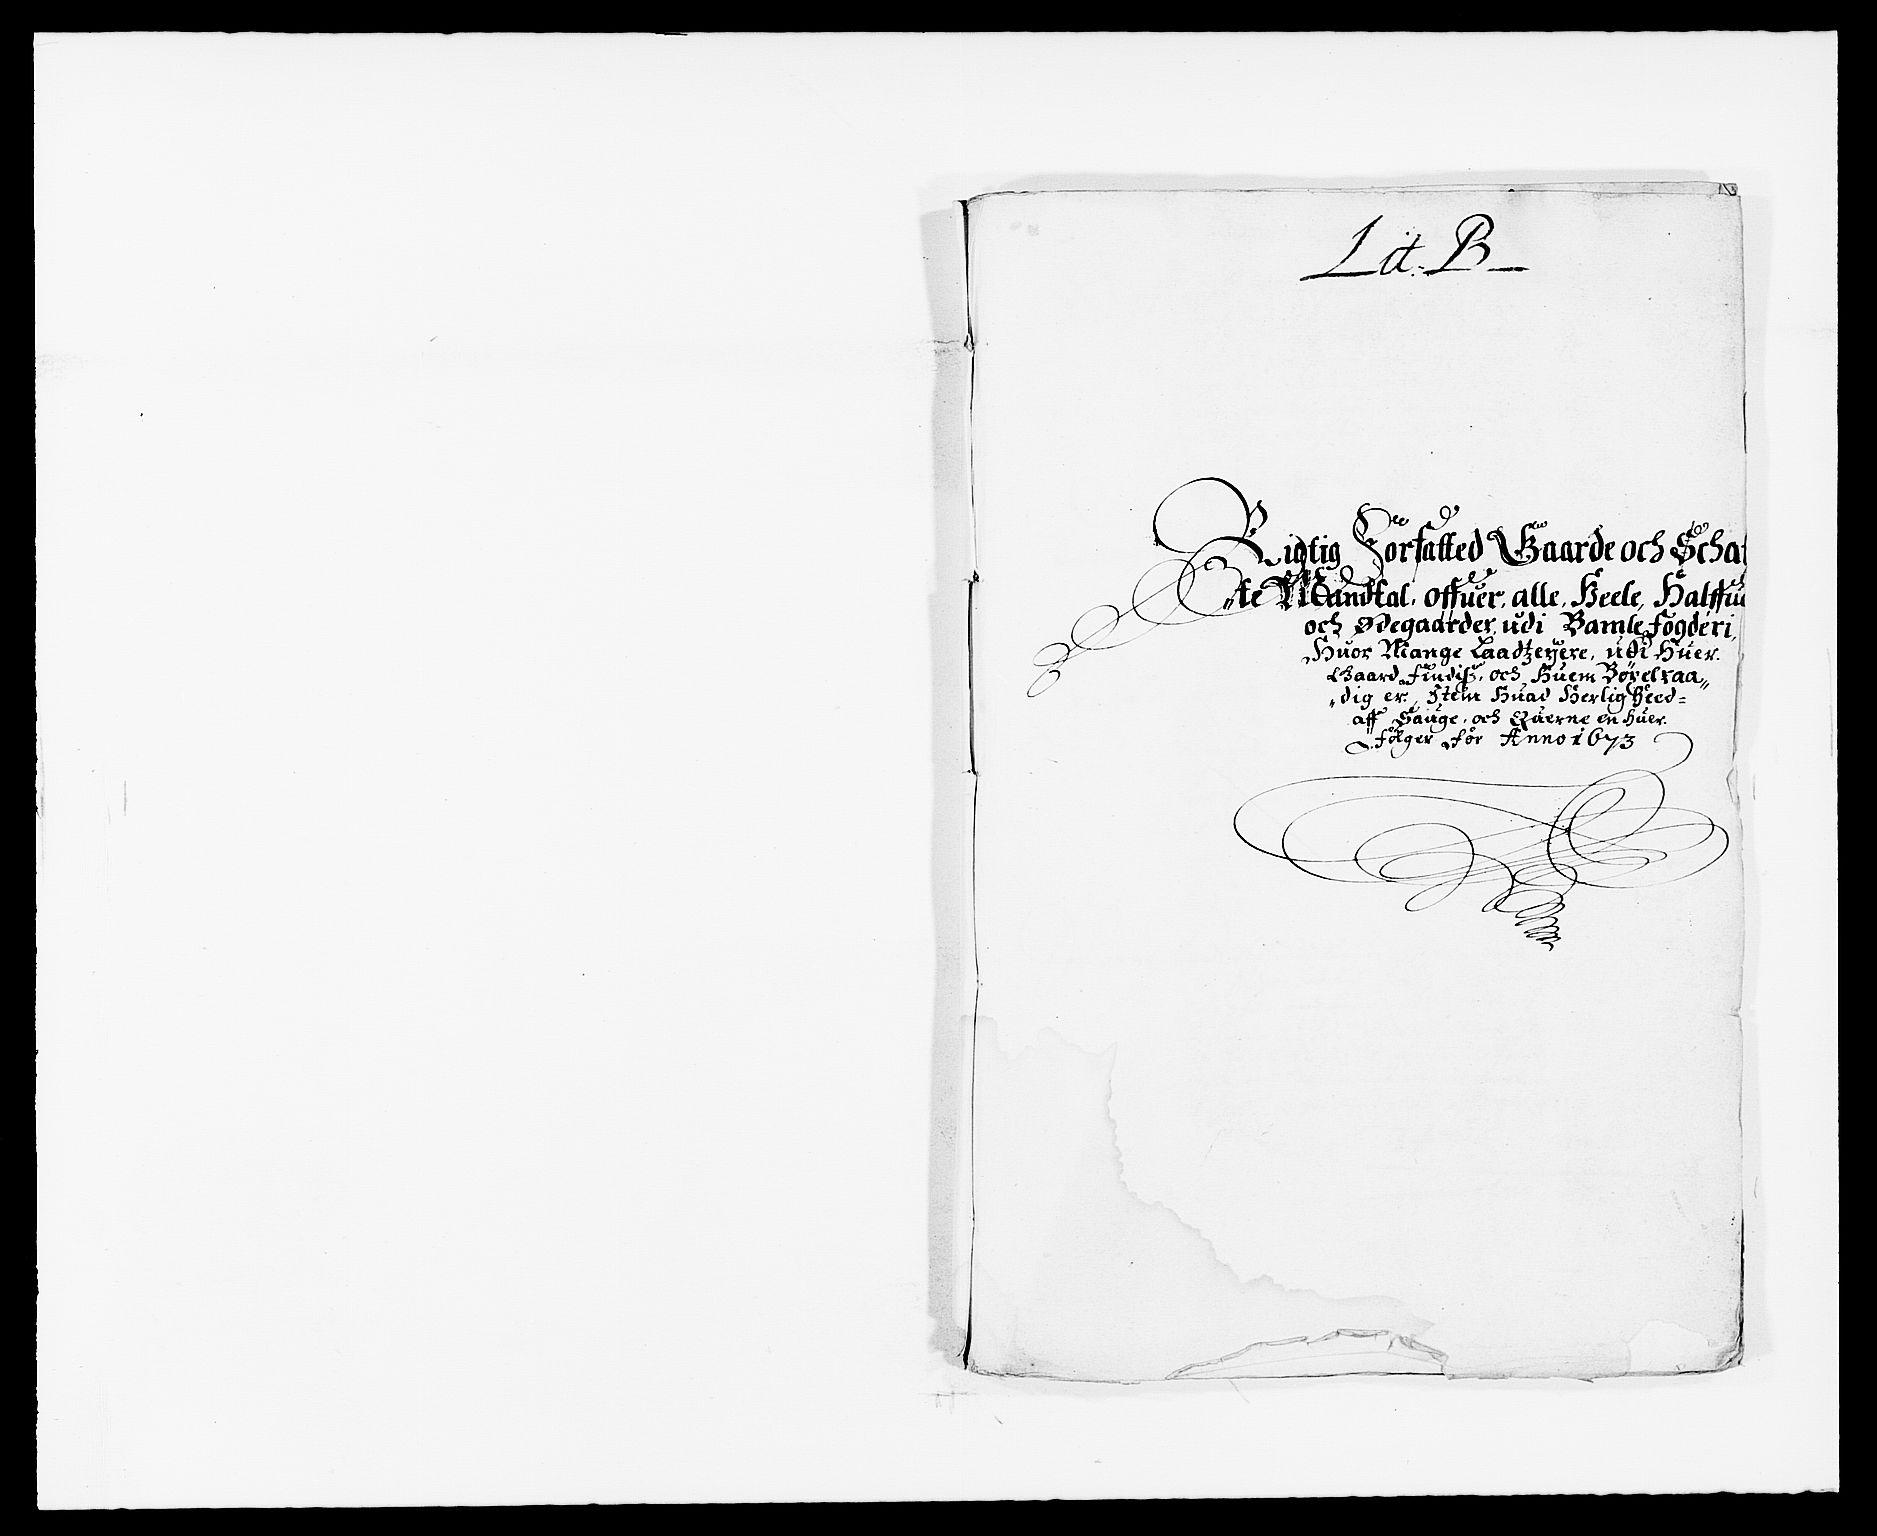 RA, Rentekammeret inntil 1814, Reviderte regnskaper, Fogderegnskap, R34/L2042: Fogderegnskap Bamble, 1673-1675, s. 4